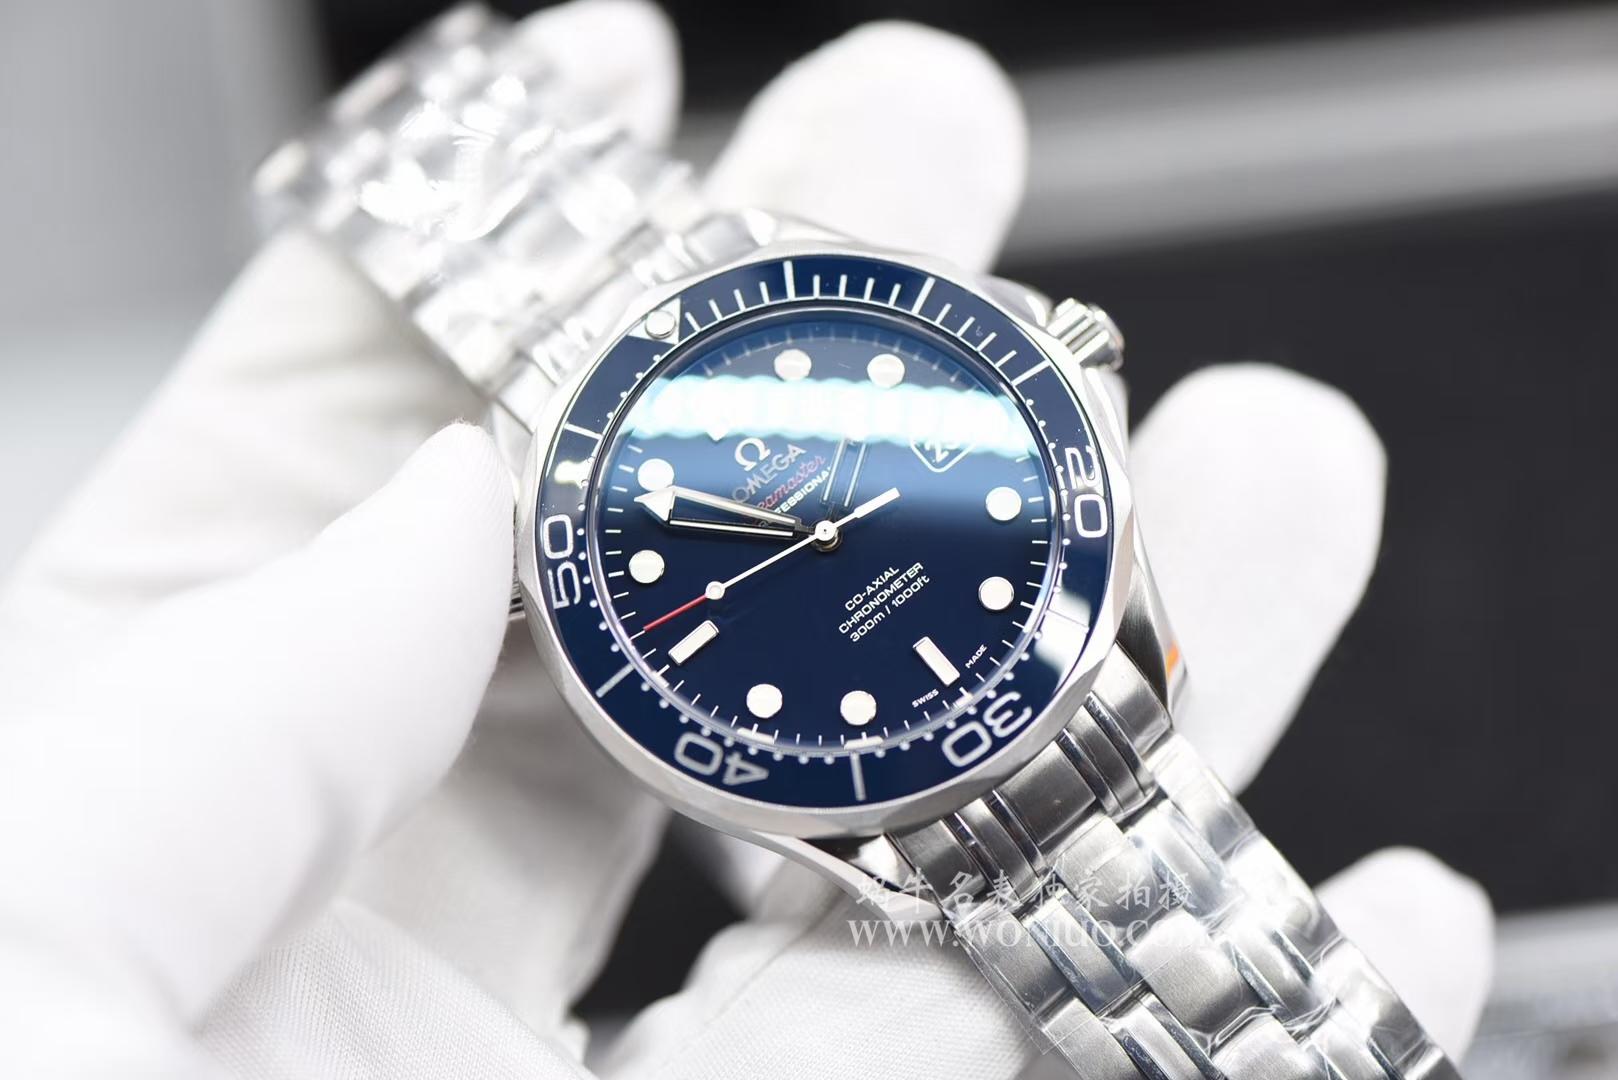 【MK厂一比一超A精仿手表】欧米茄海马系列海洋宇宙300米212.30.41.20.03.001腕表 / M282